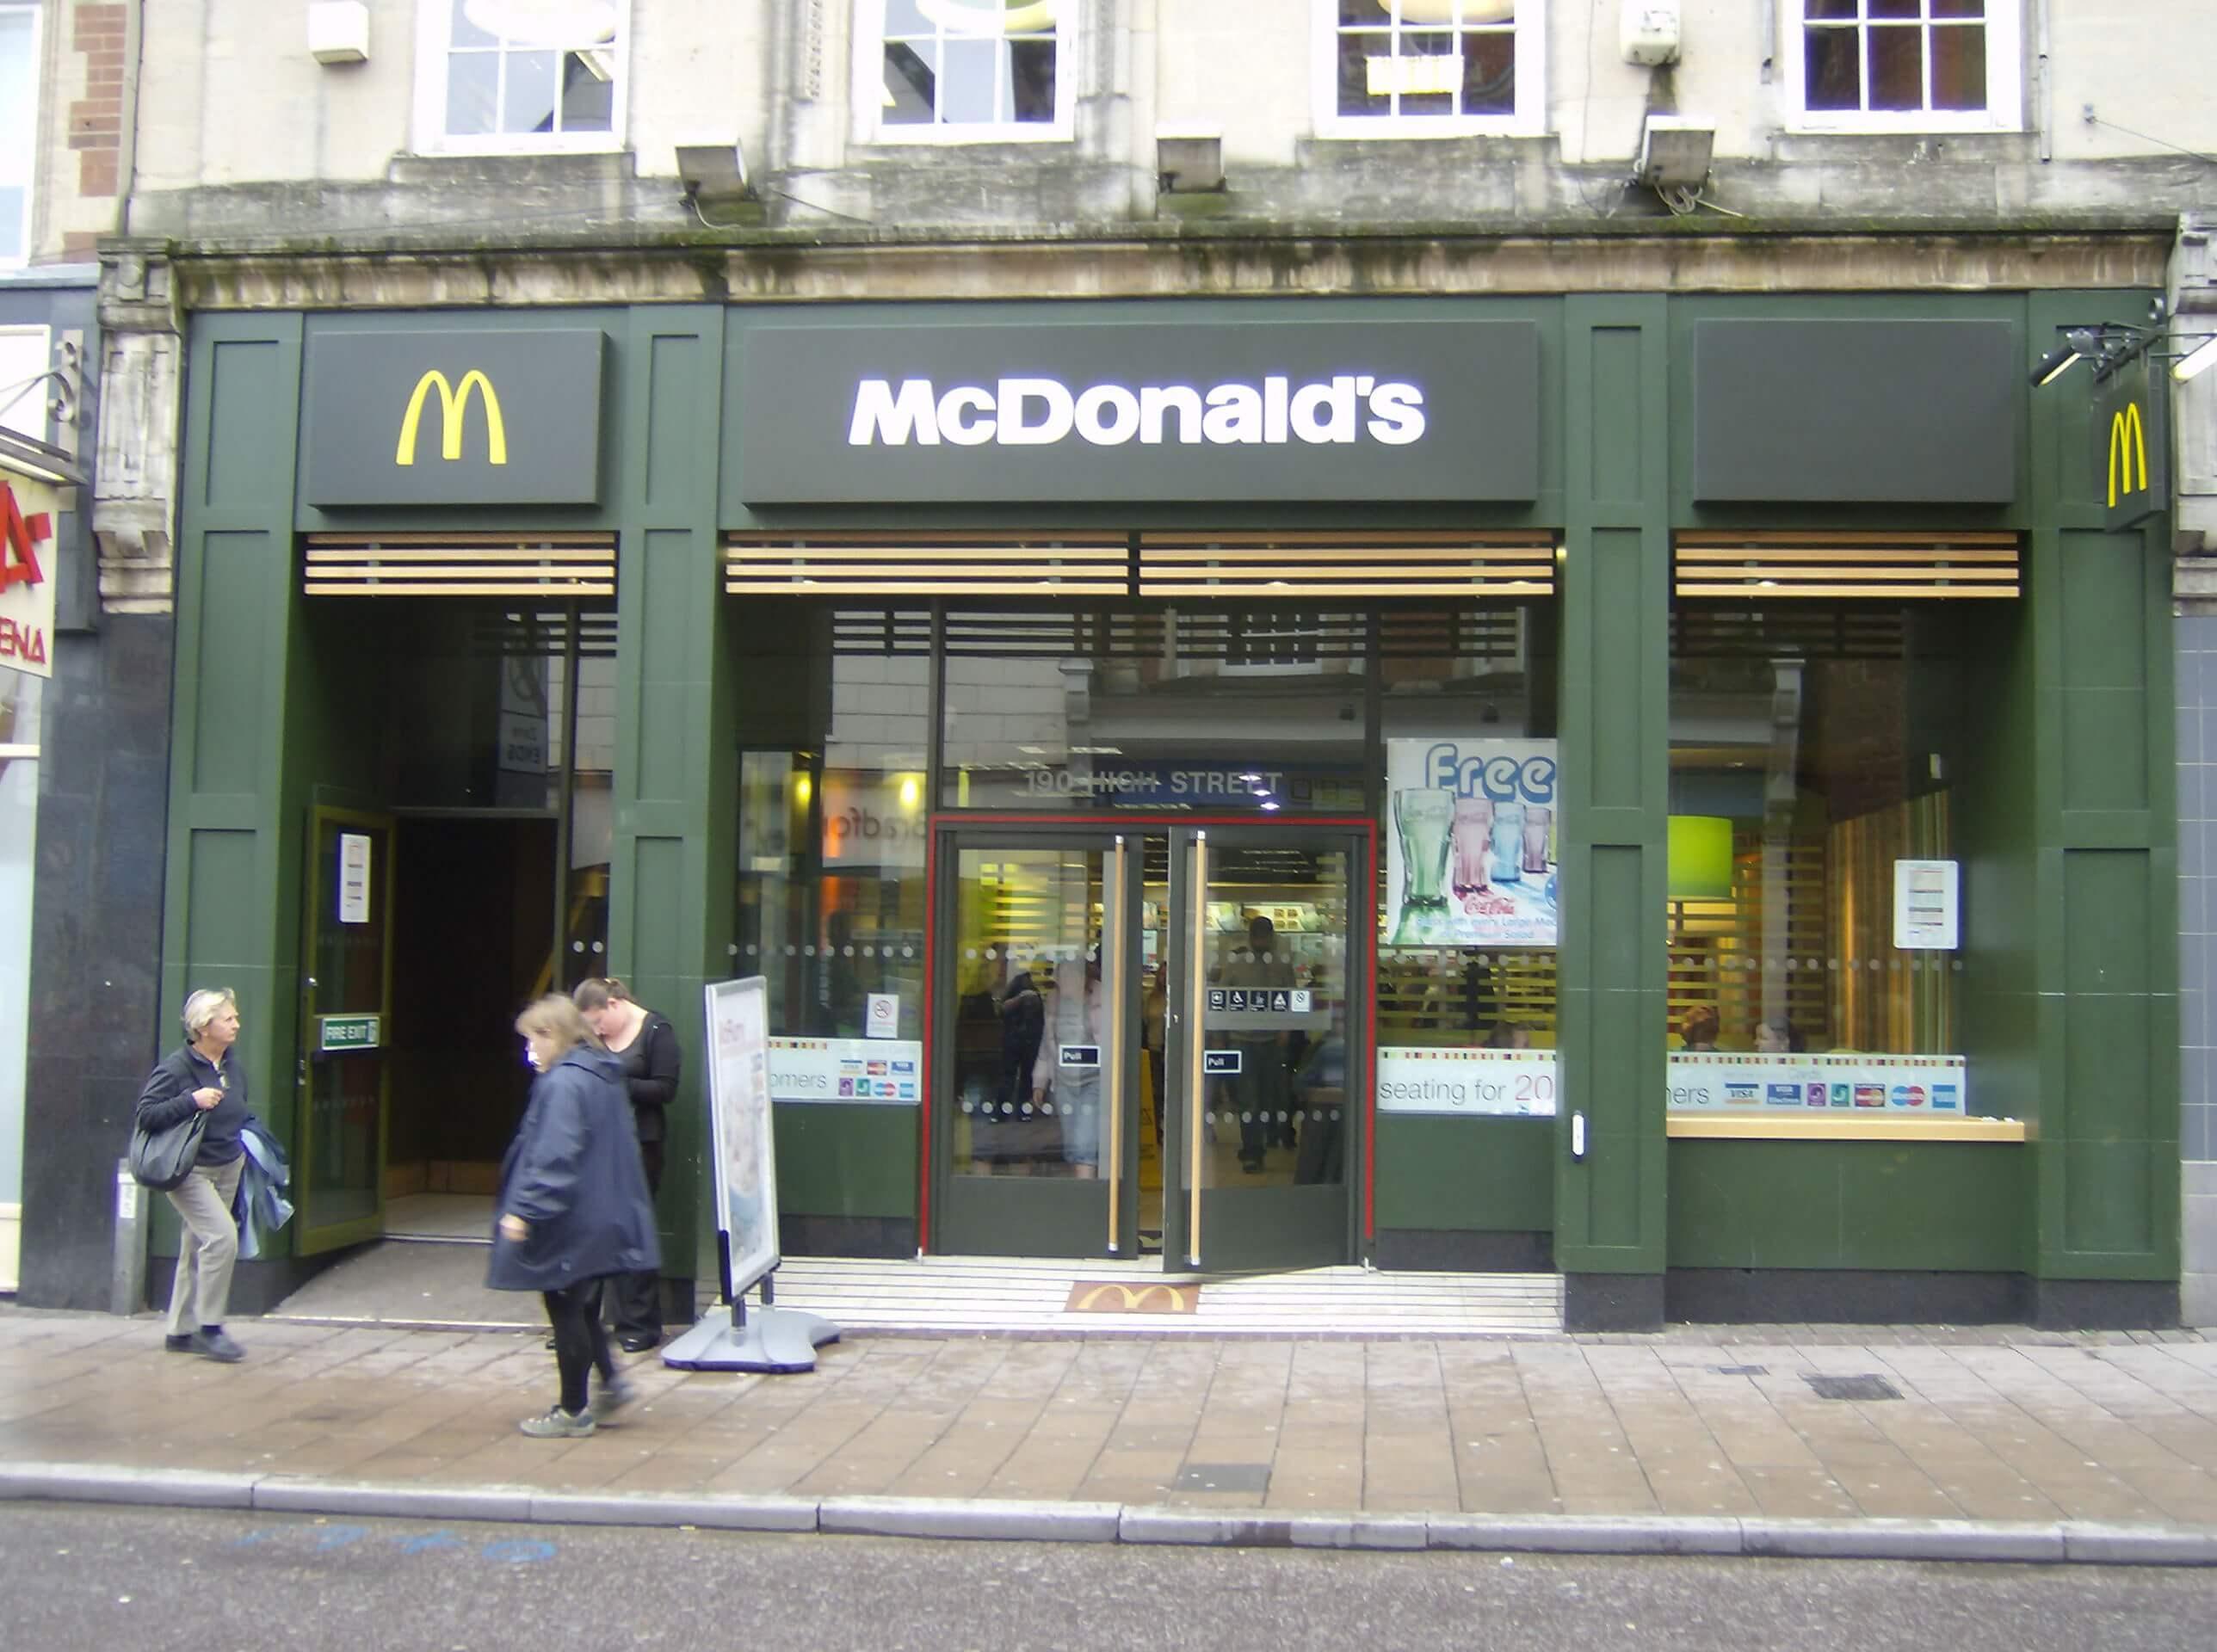 McDonald's and Hindu Culture Case Study